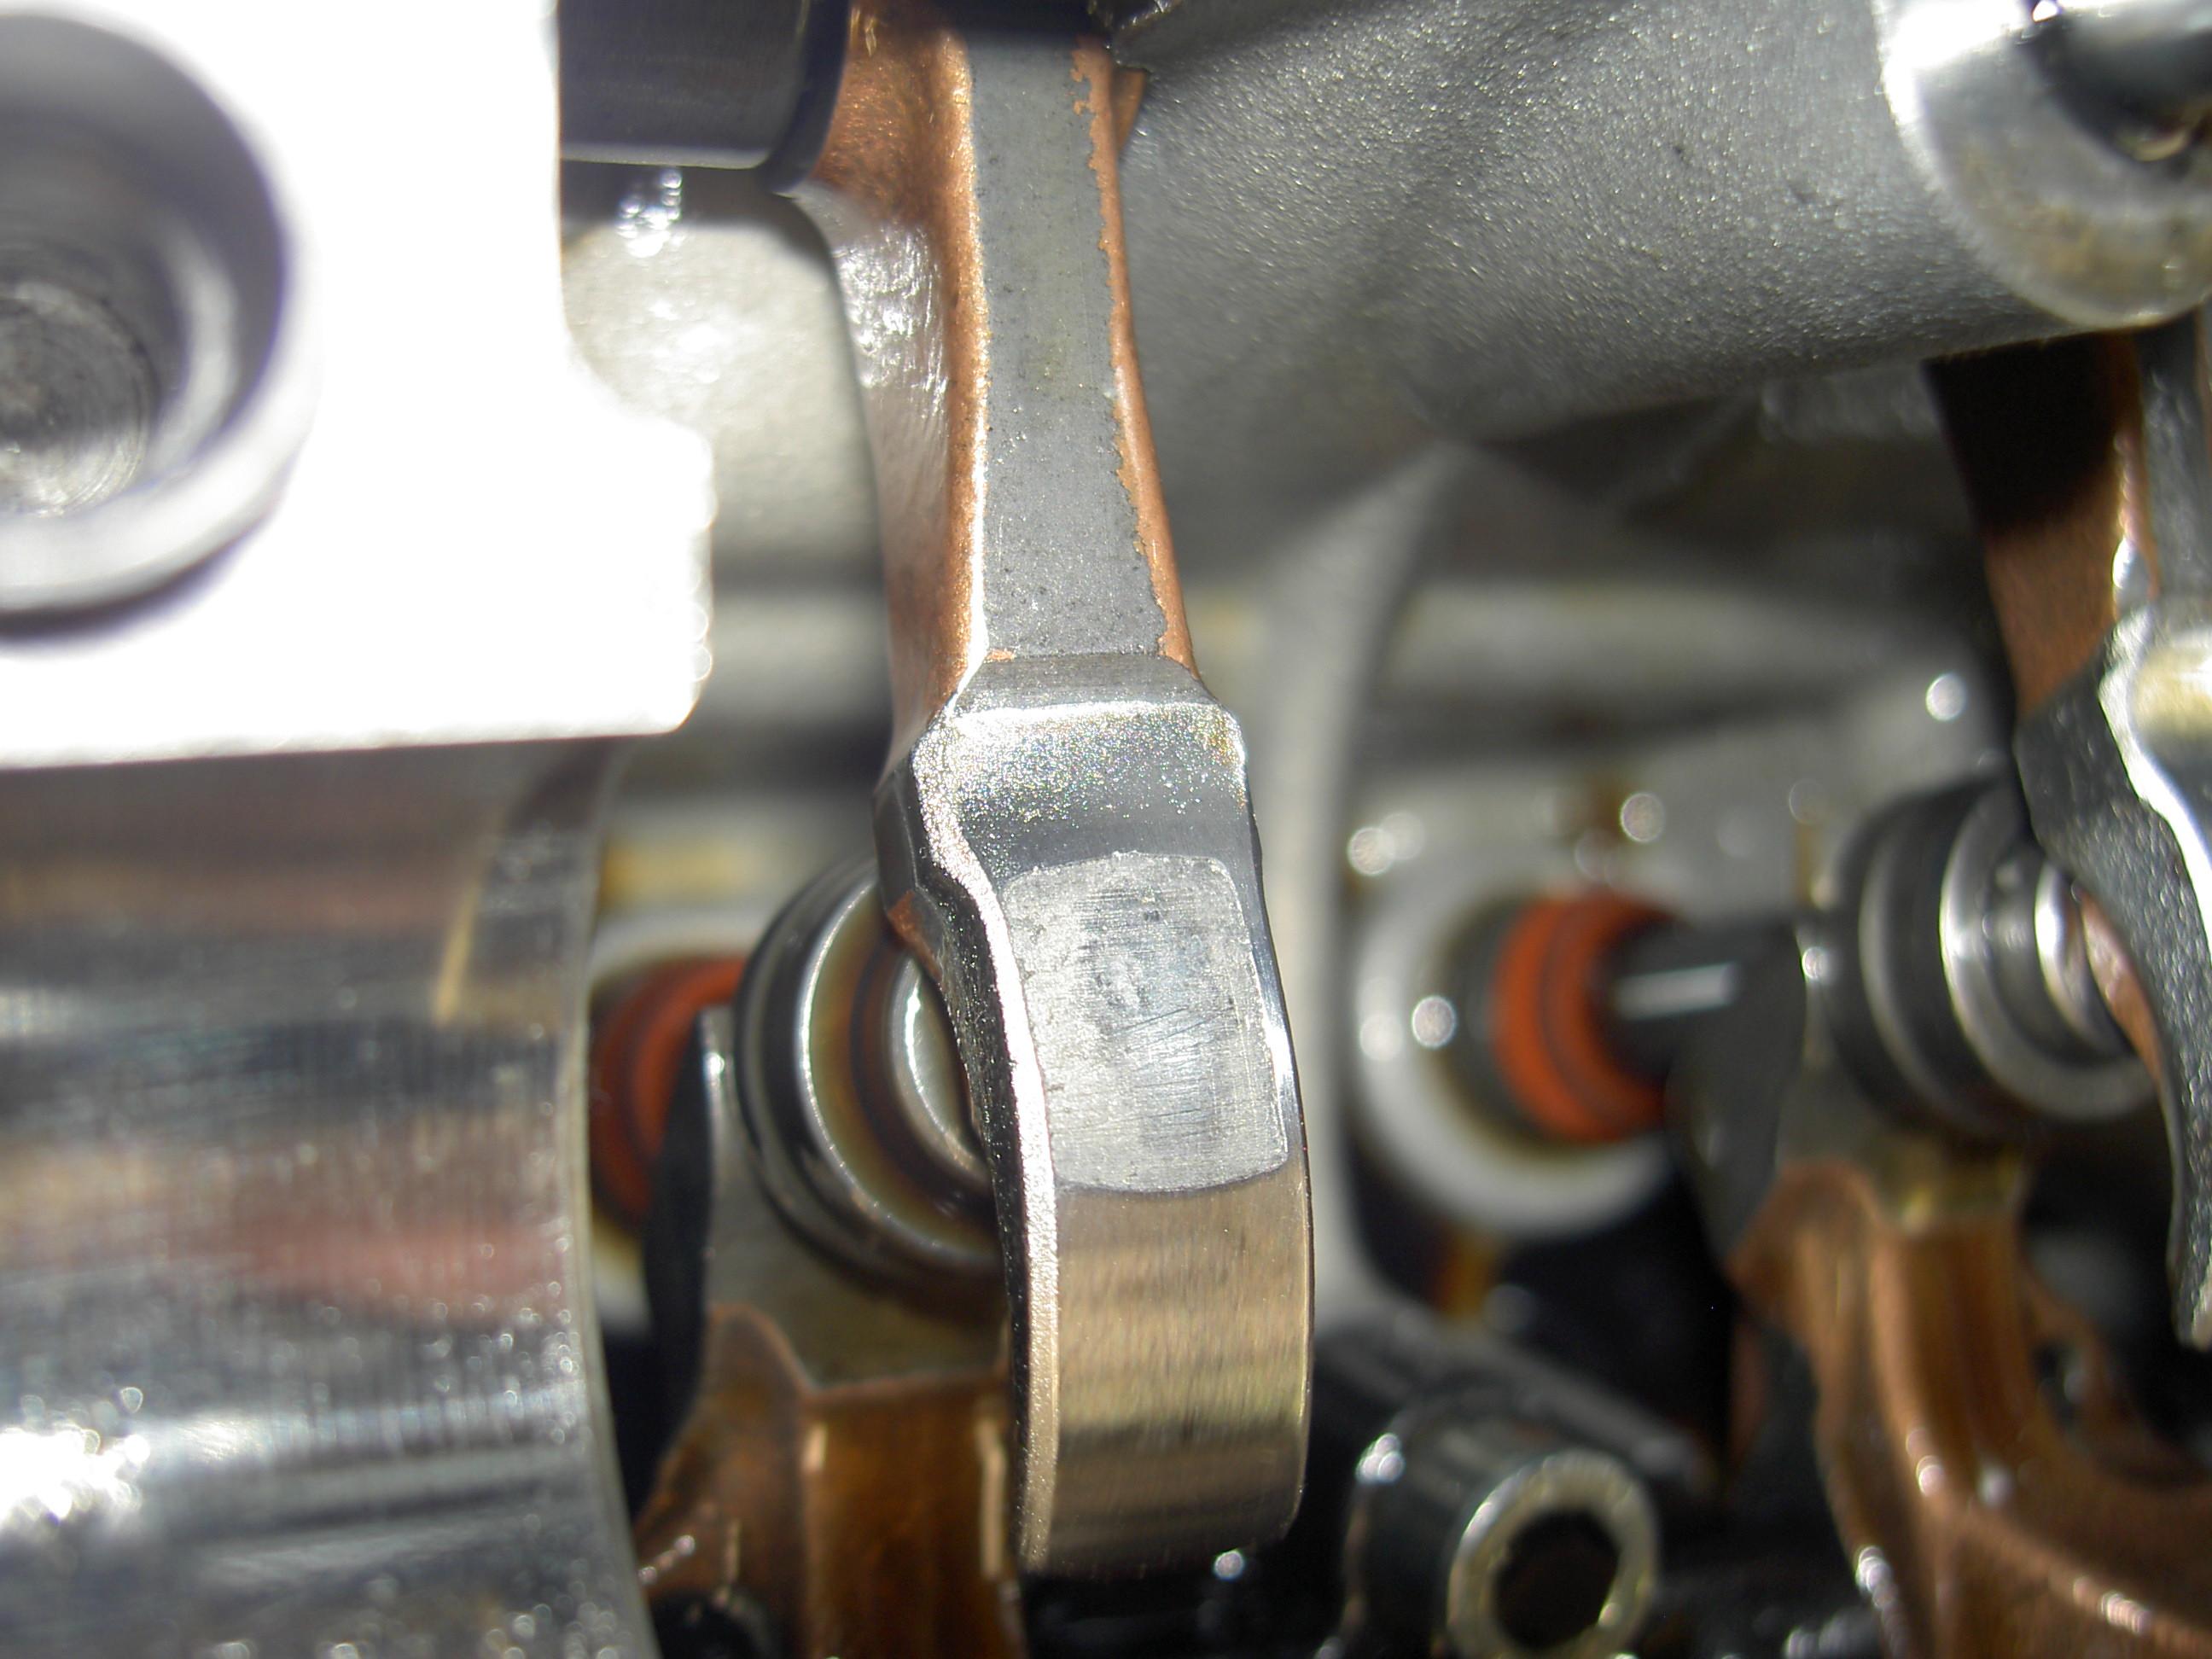 Ducati Multistrada Valve Adjustment